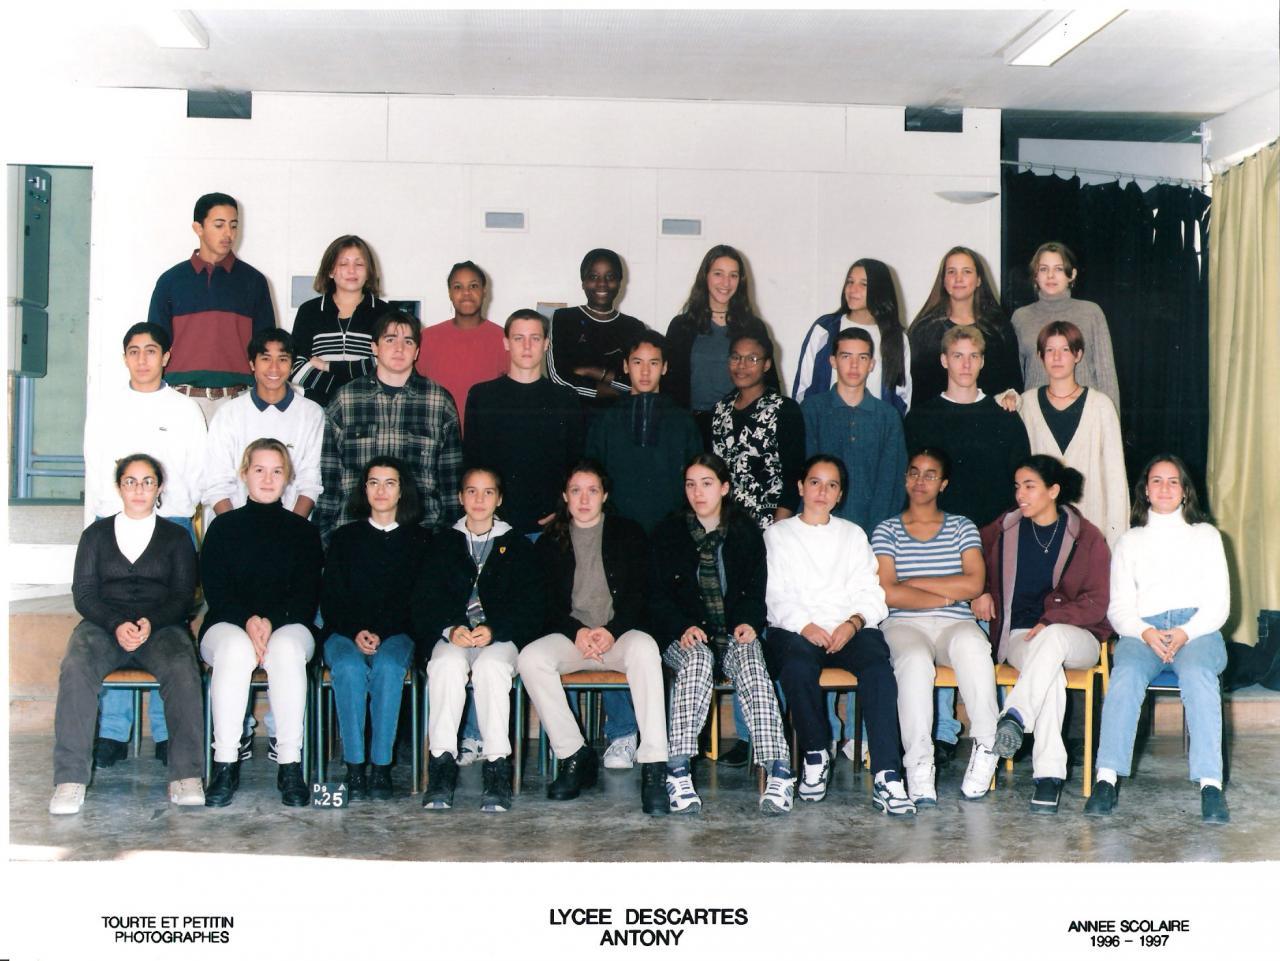 1997 - 2.3 - TOURTE